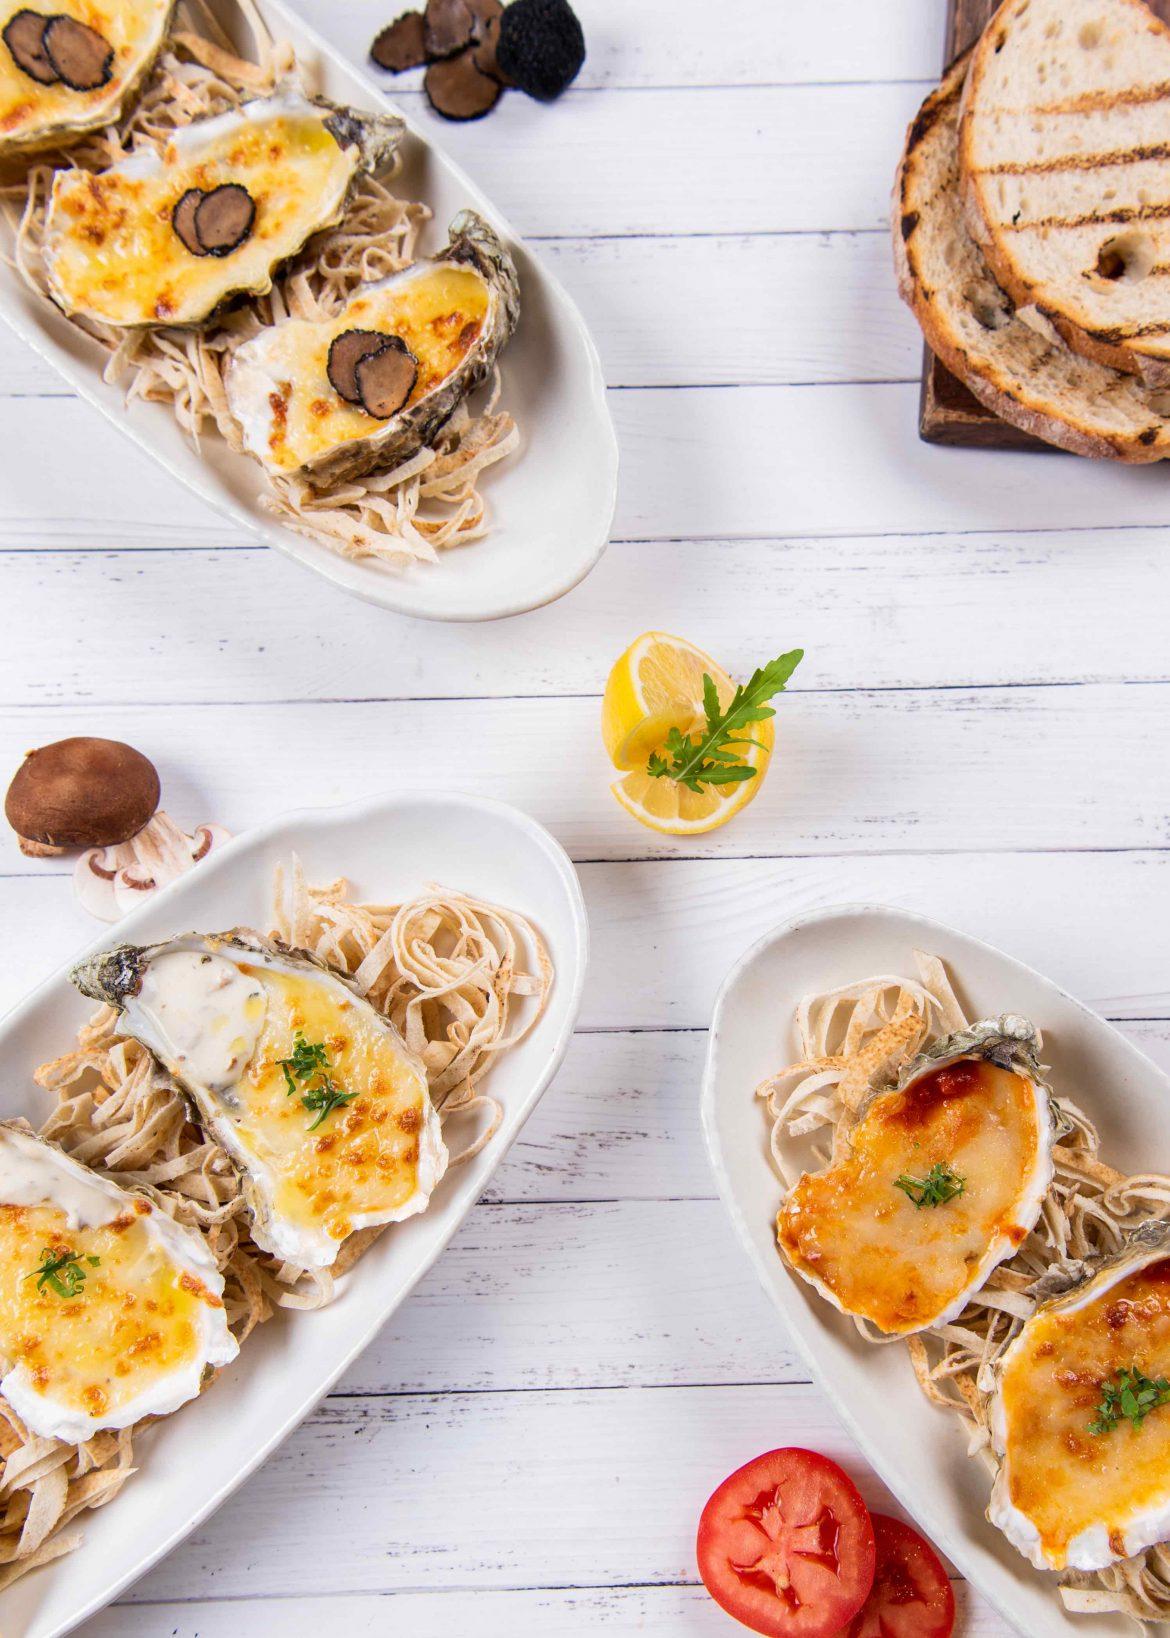 قائمة طعام جديدة لعشاق المأكولات البحرية